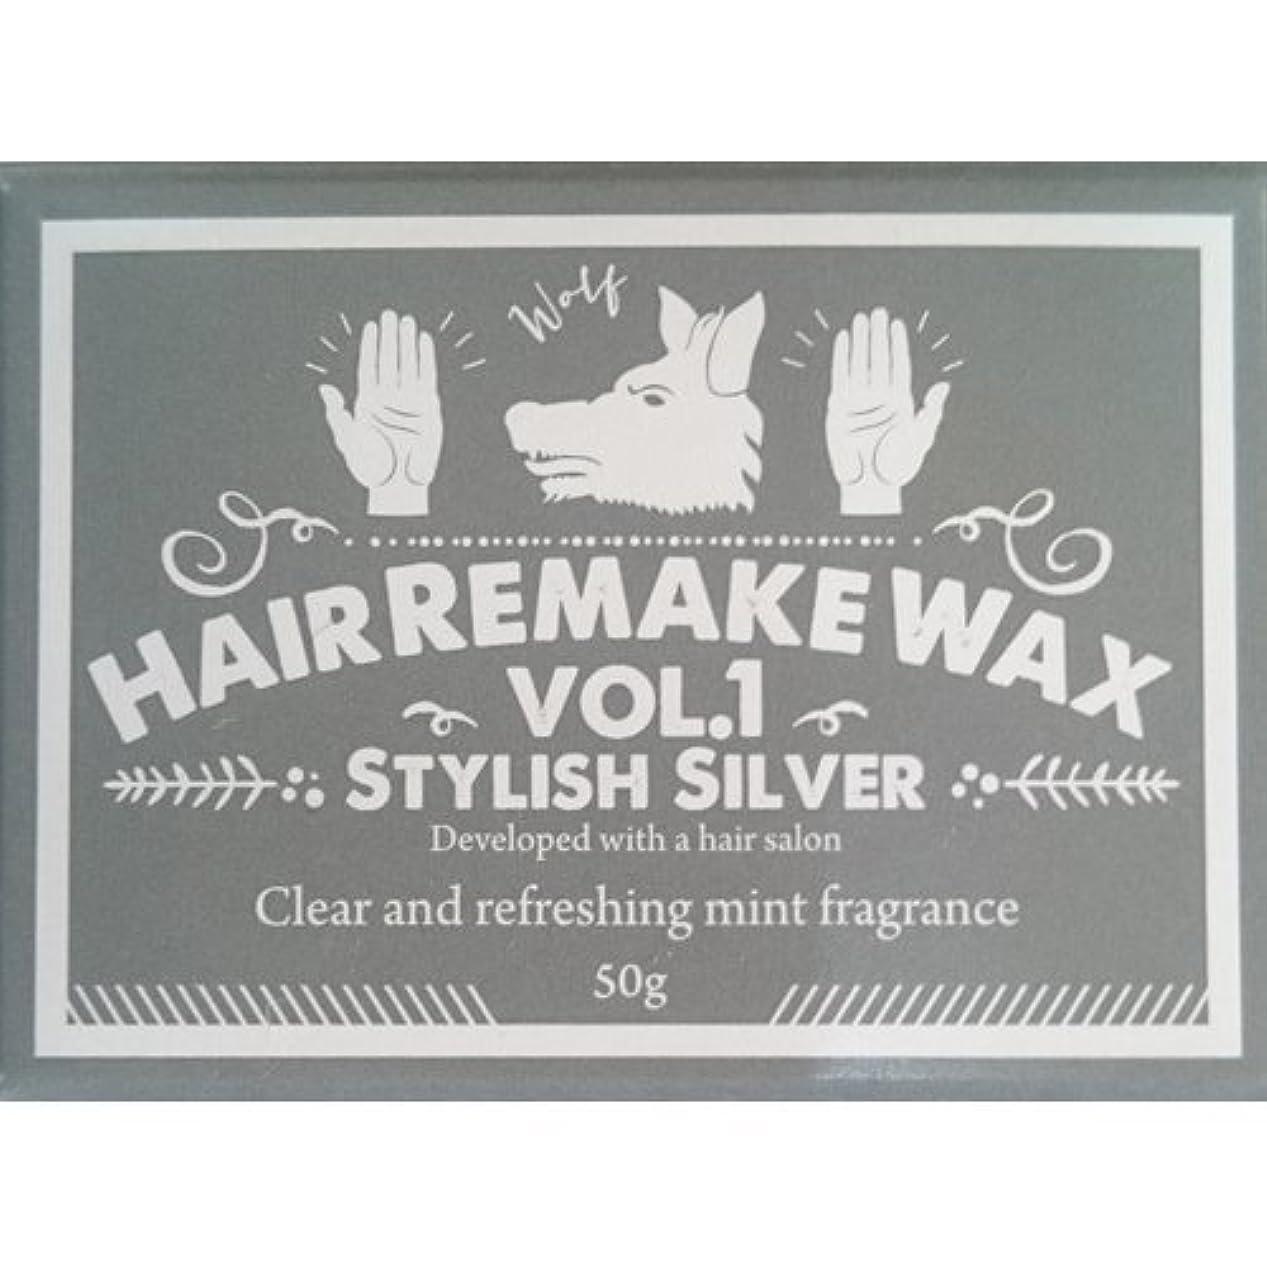 さようならデクリメントパッケージパーティー 変装 銀髪用 Hair Remake(ヘアーリメイクワックス)WAX Vol.1 スタイリッシュシルバー 50g